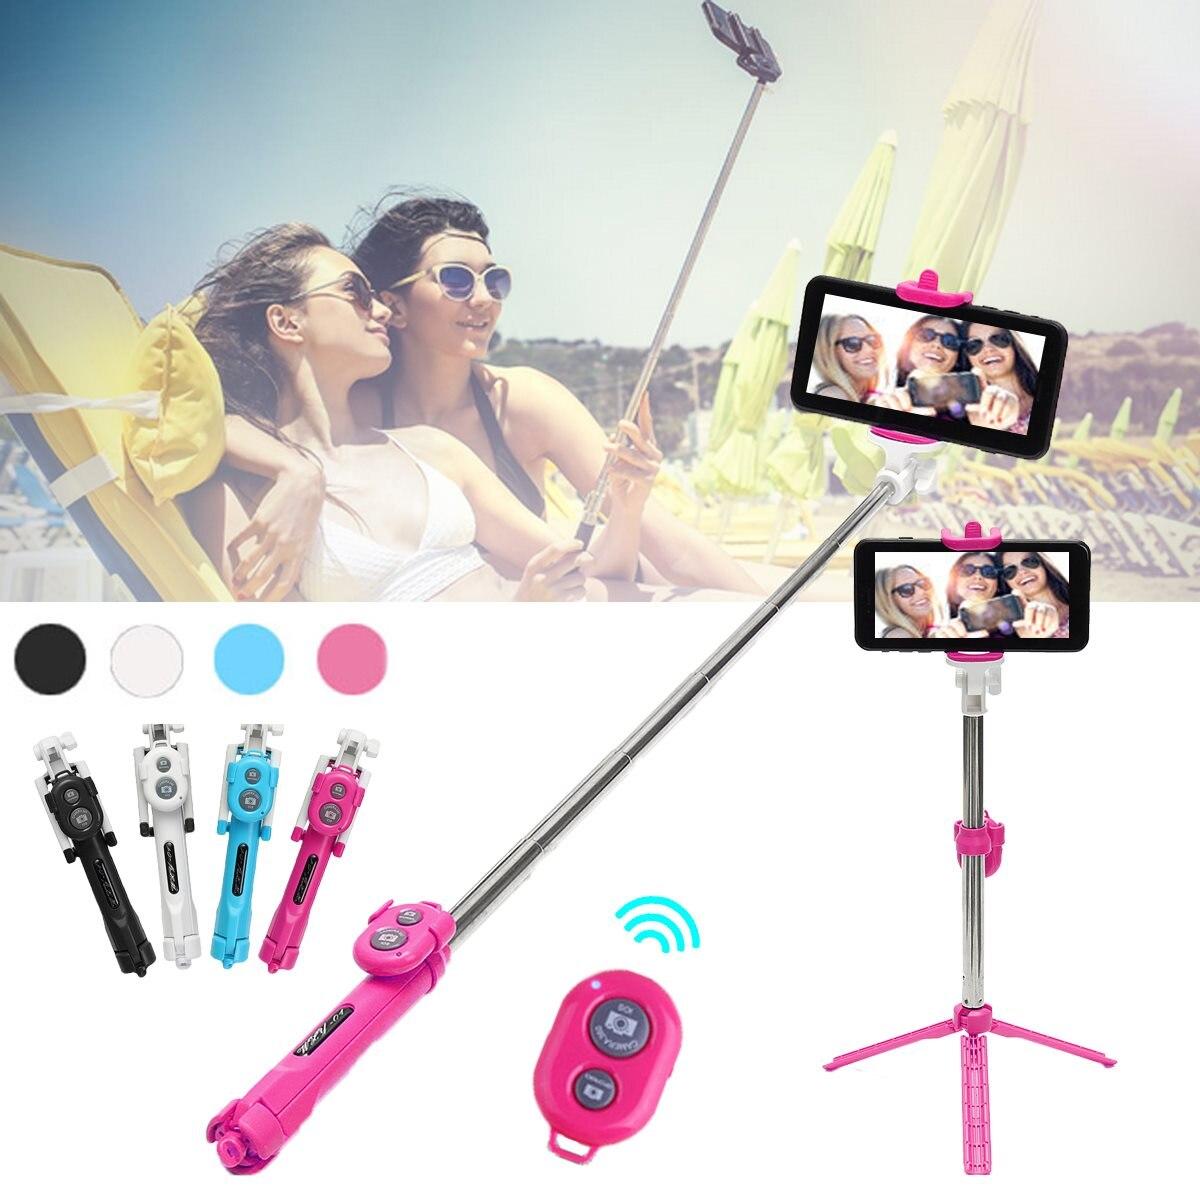 Nuevo Universal Bluetooth Selfie Stick + trípode + obturador Monopod inalámbrico para iPhone 7 7 más 5 6 6 S más auto-temporizador para Samsung